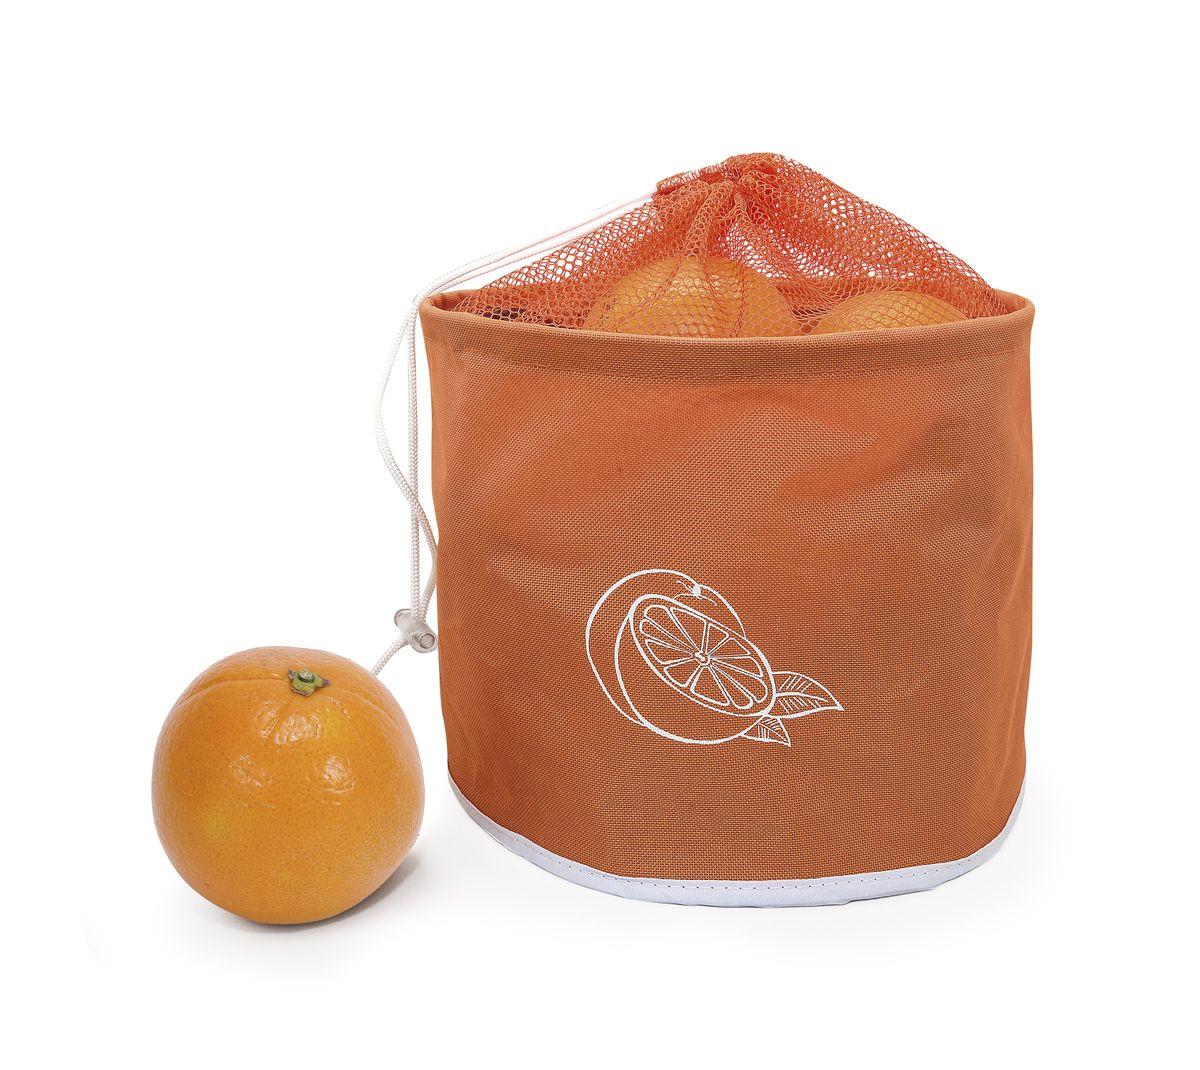 Сумка для хранения цитрусовых Iris Barcelona, до 5 кг, цвет: оранжевыйI9511-TСумка для хранения цитрусовых Iris Barcelona поможет сохранить фрукты свежими. Сумка довольно вместительная, может держать до 5 кг. Она очень компактная, складывается как обычный тряпичный пакет.